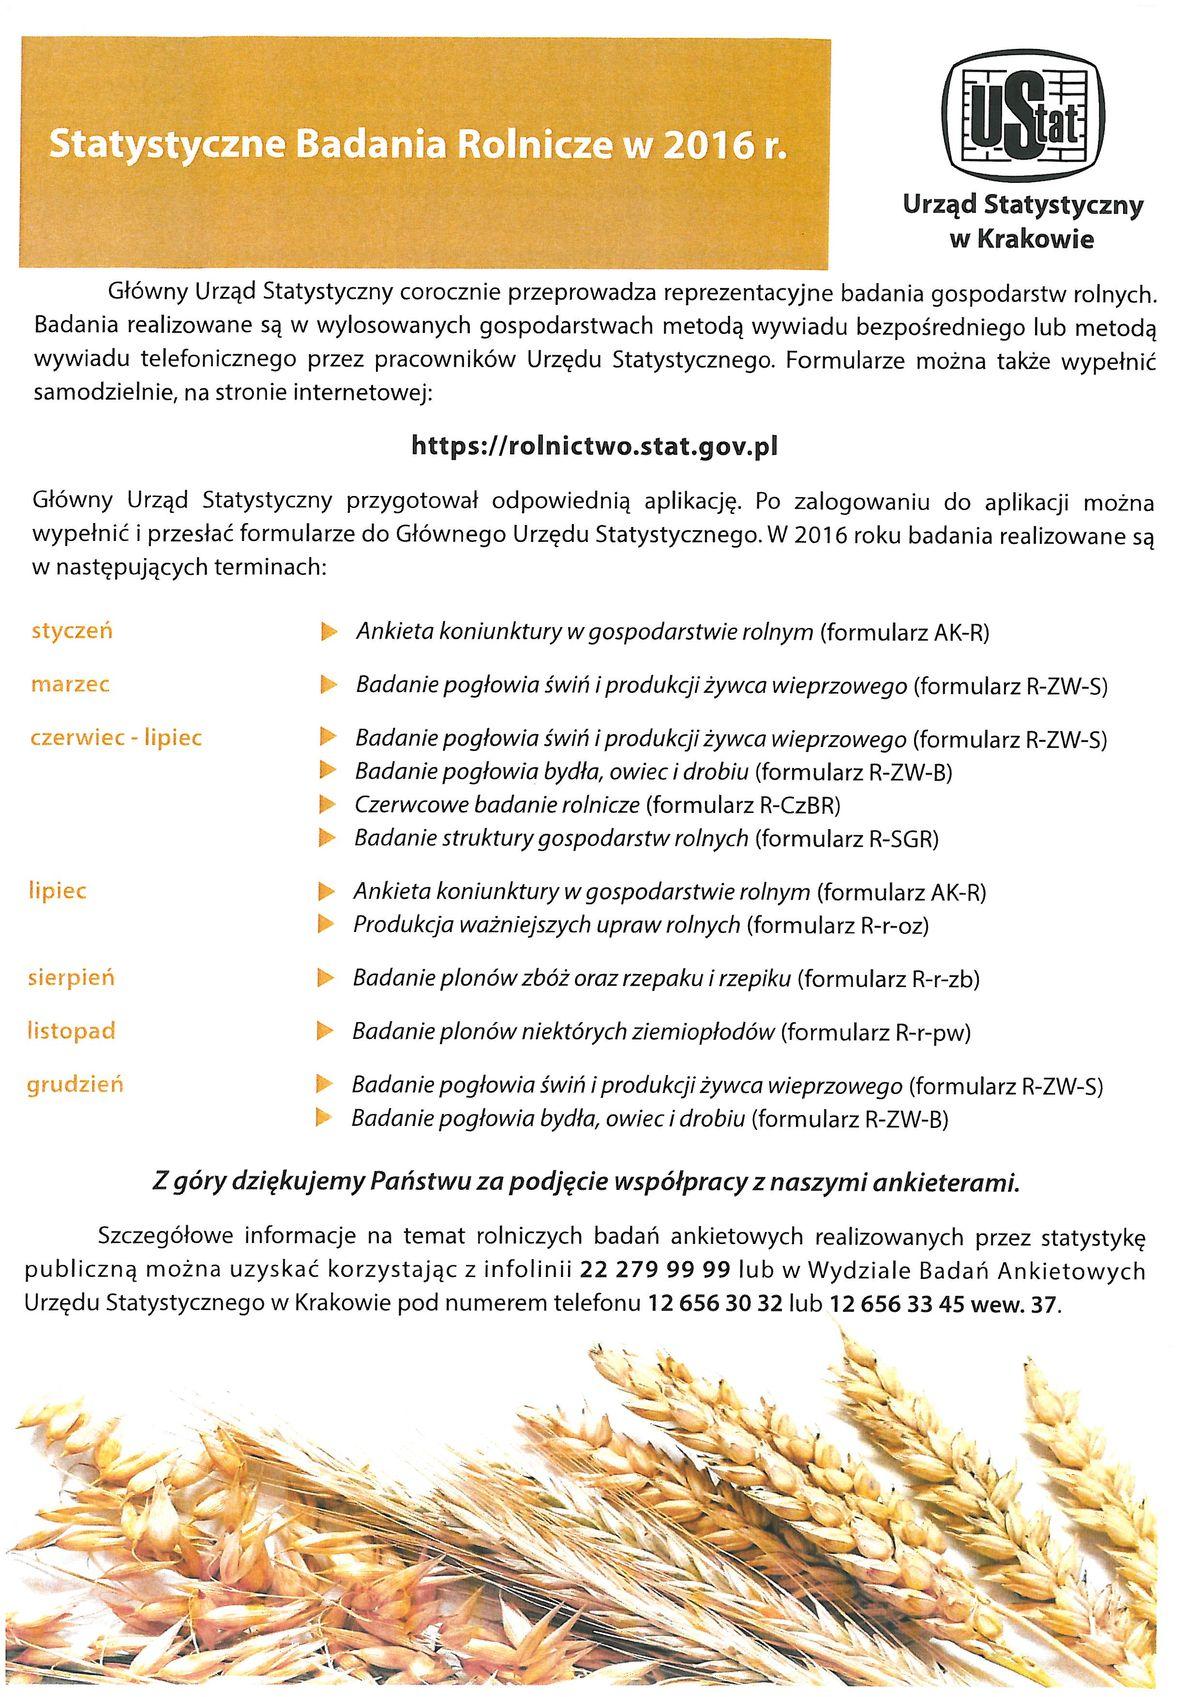 GUS: Badania rolnicze